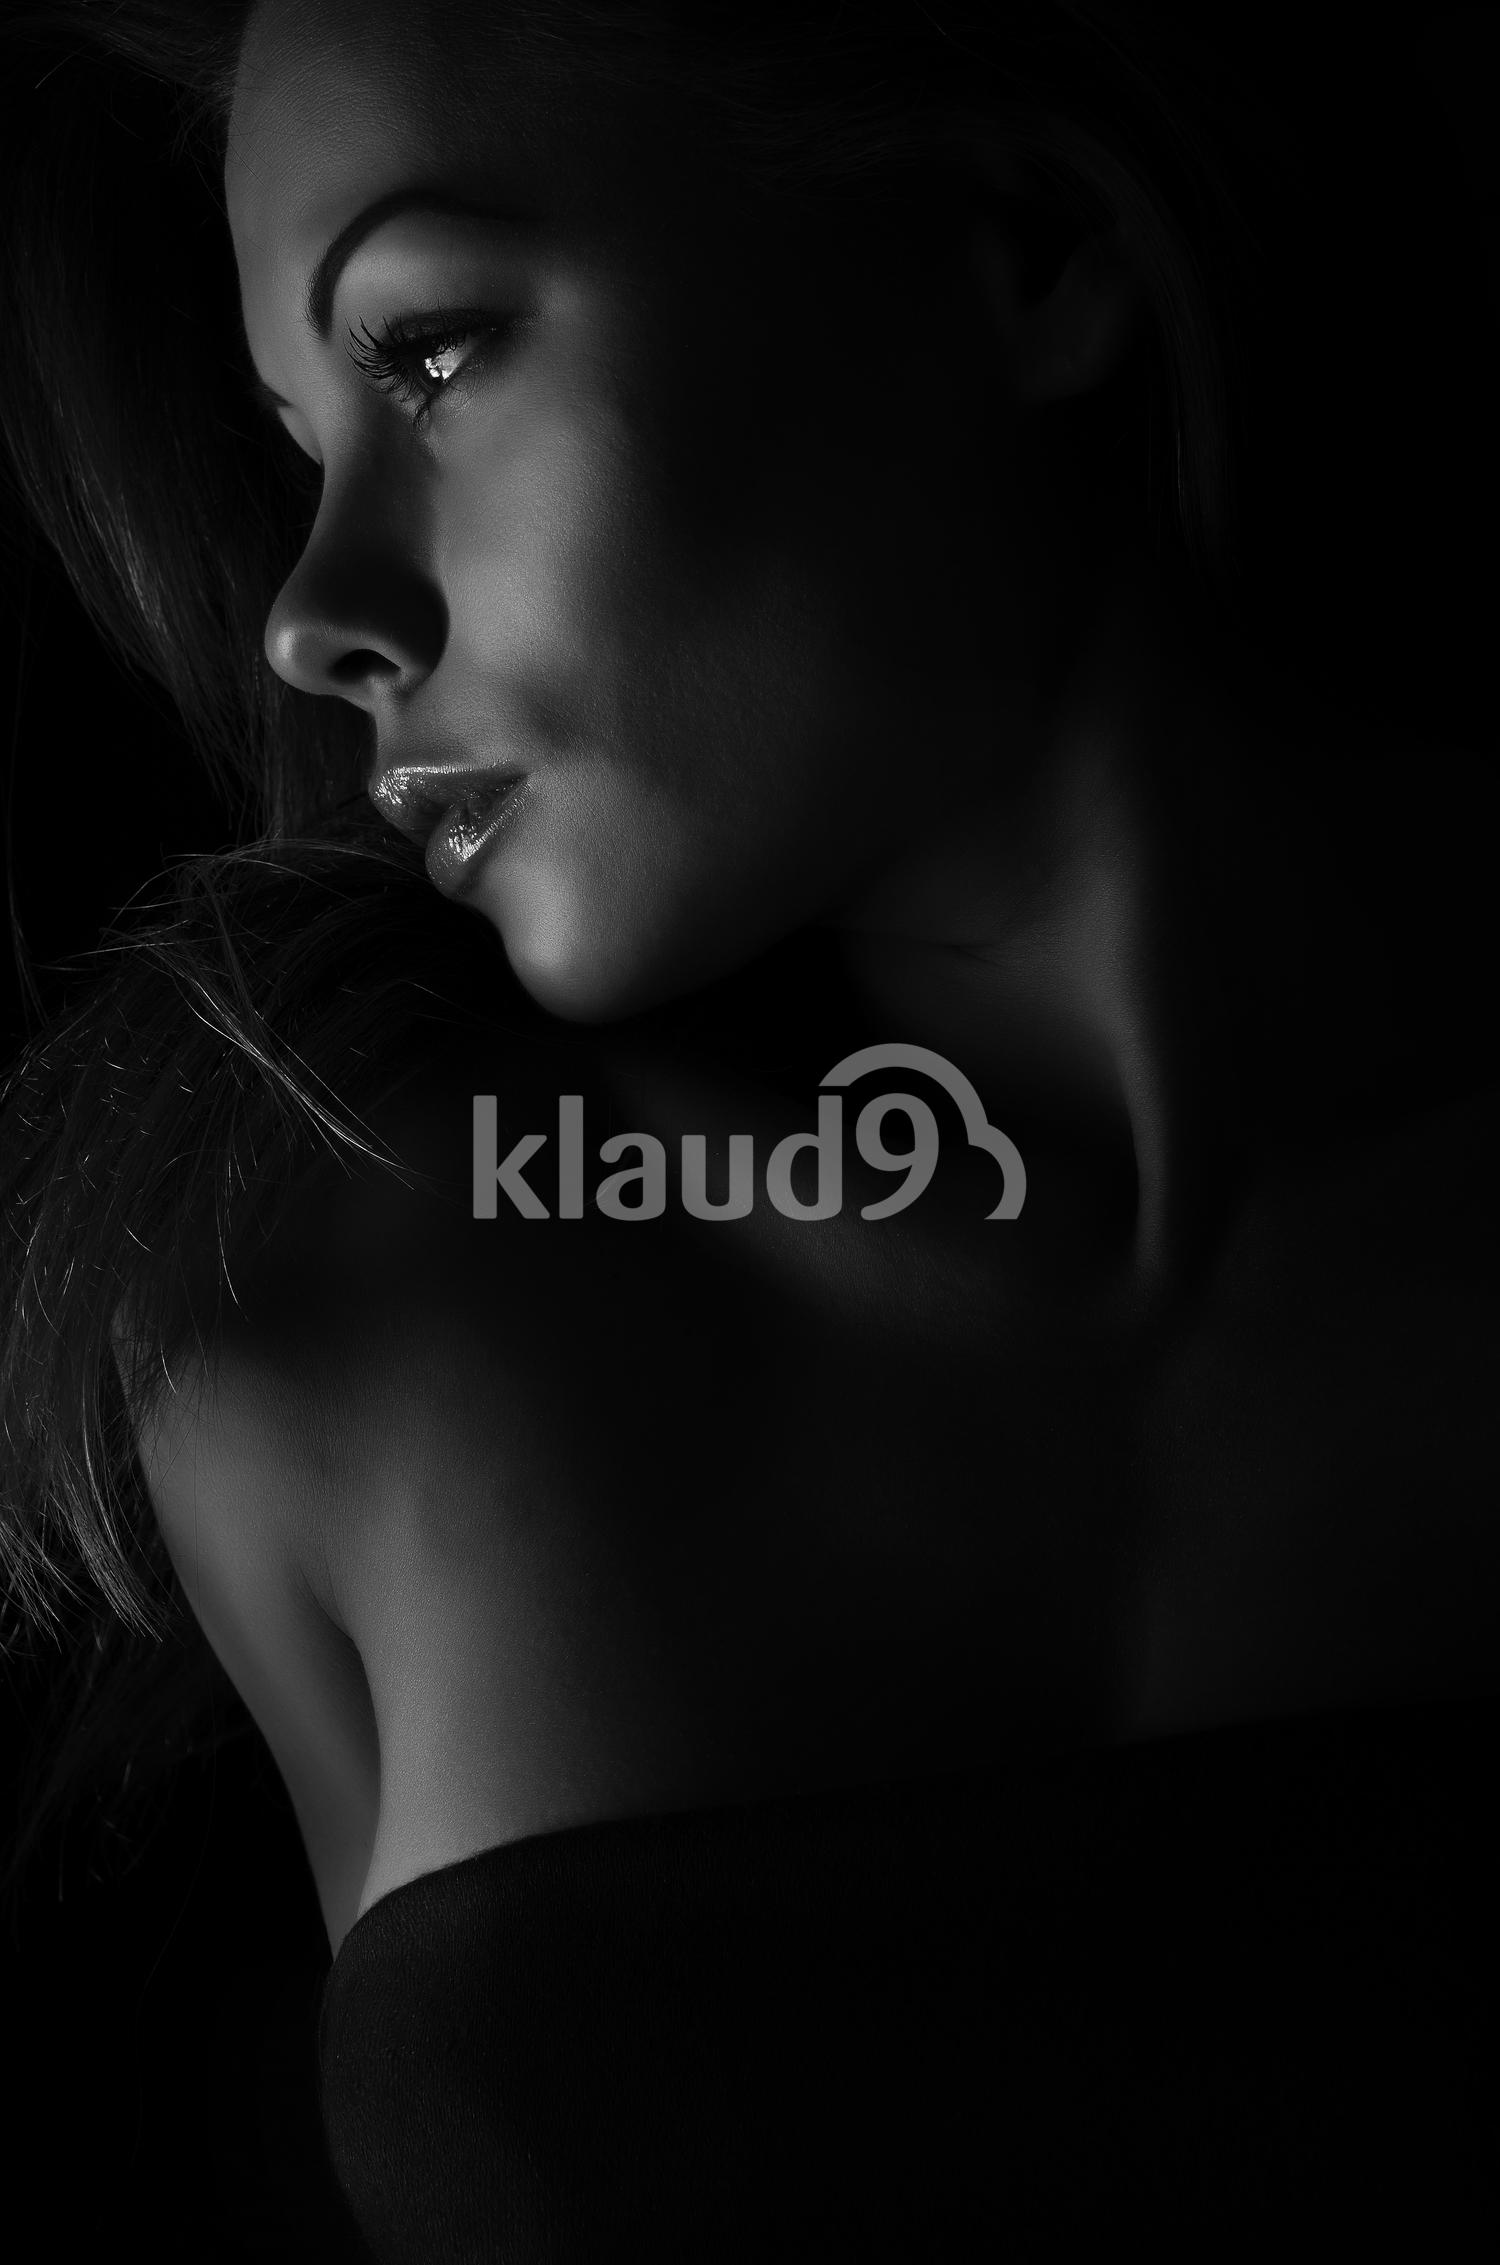 Beautiful lady in the dark